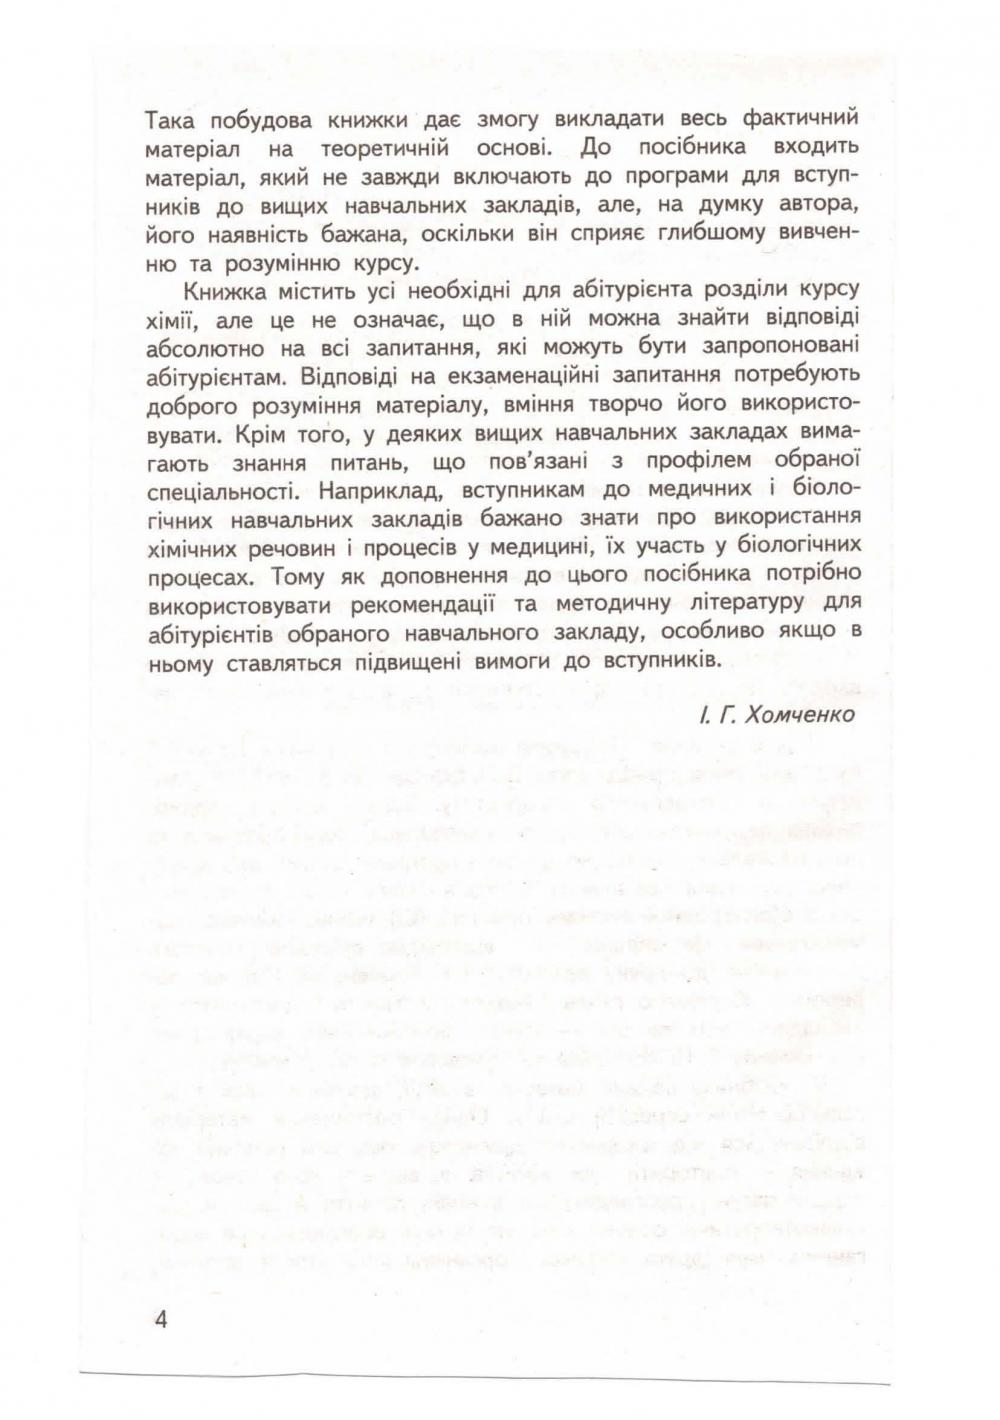 Посібник з хімії для вступників. Хомченко Г.  Вид-во: Арій. купити 5